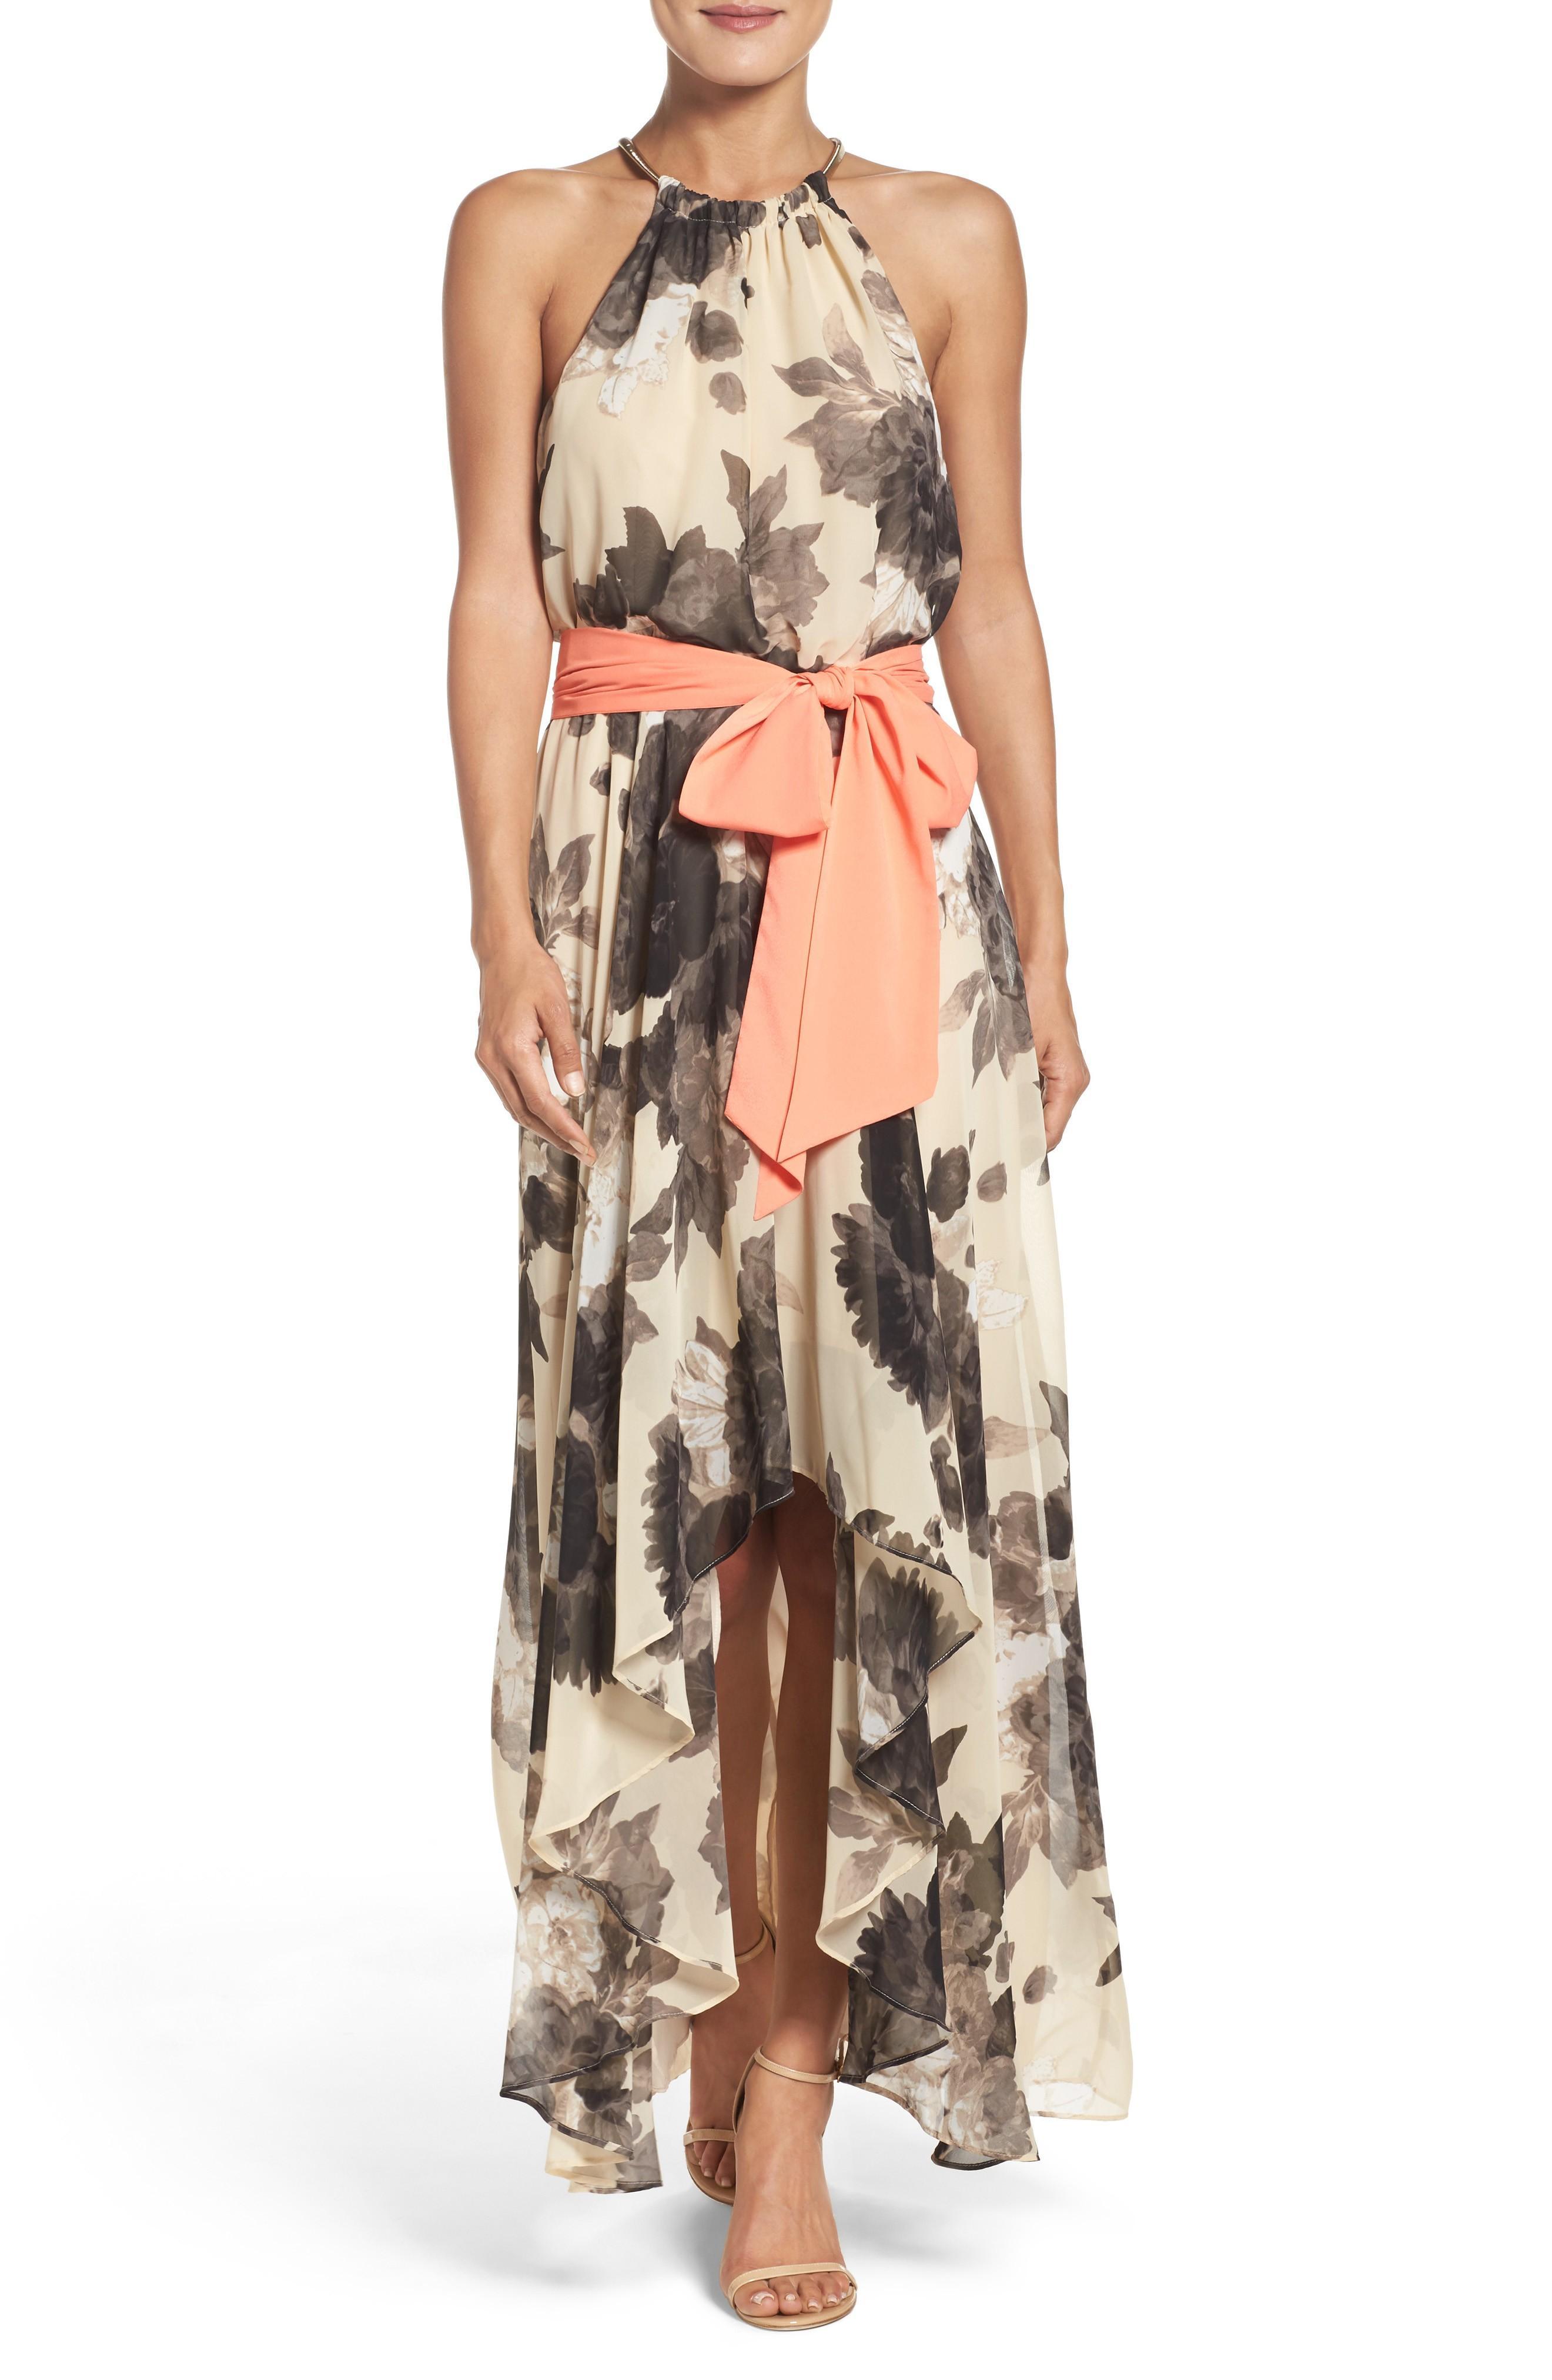 07f5fd854b9 Eliza J Floral Print Halter Chiffon Maxi Dress In Taupe  Black ...